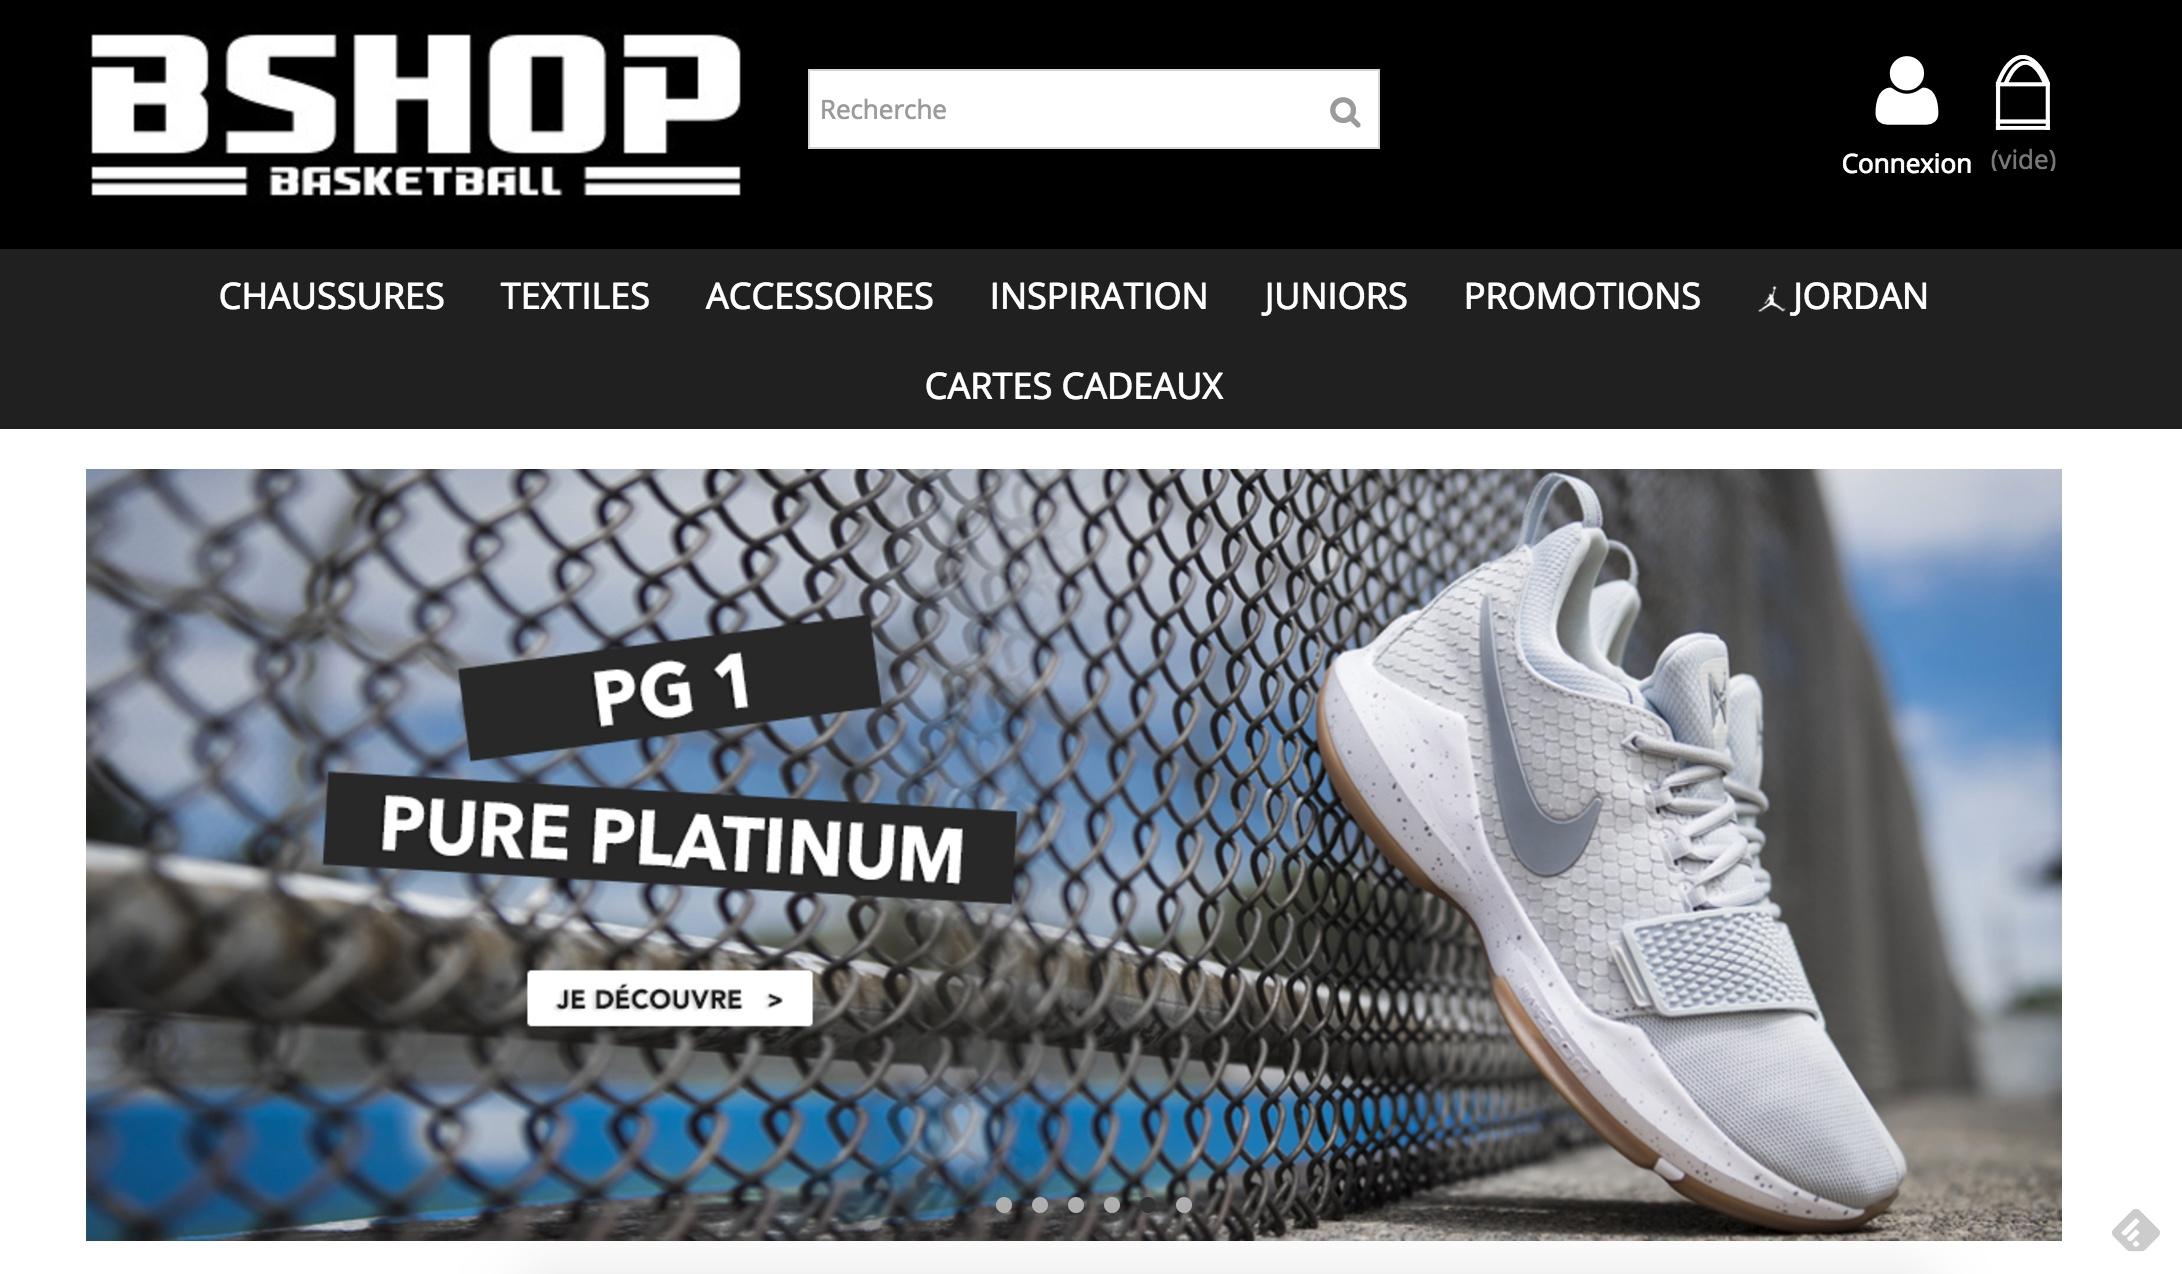 BasketballLa De Bshop Ligne Référence Nouvelle En Boutique Pour CsQthdxr